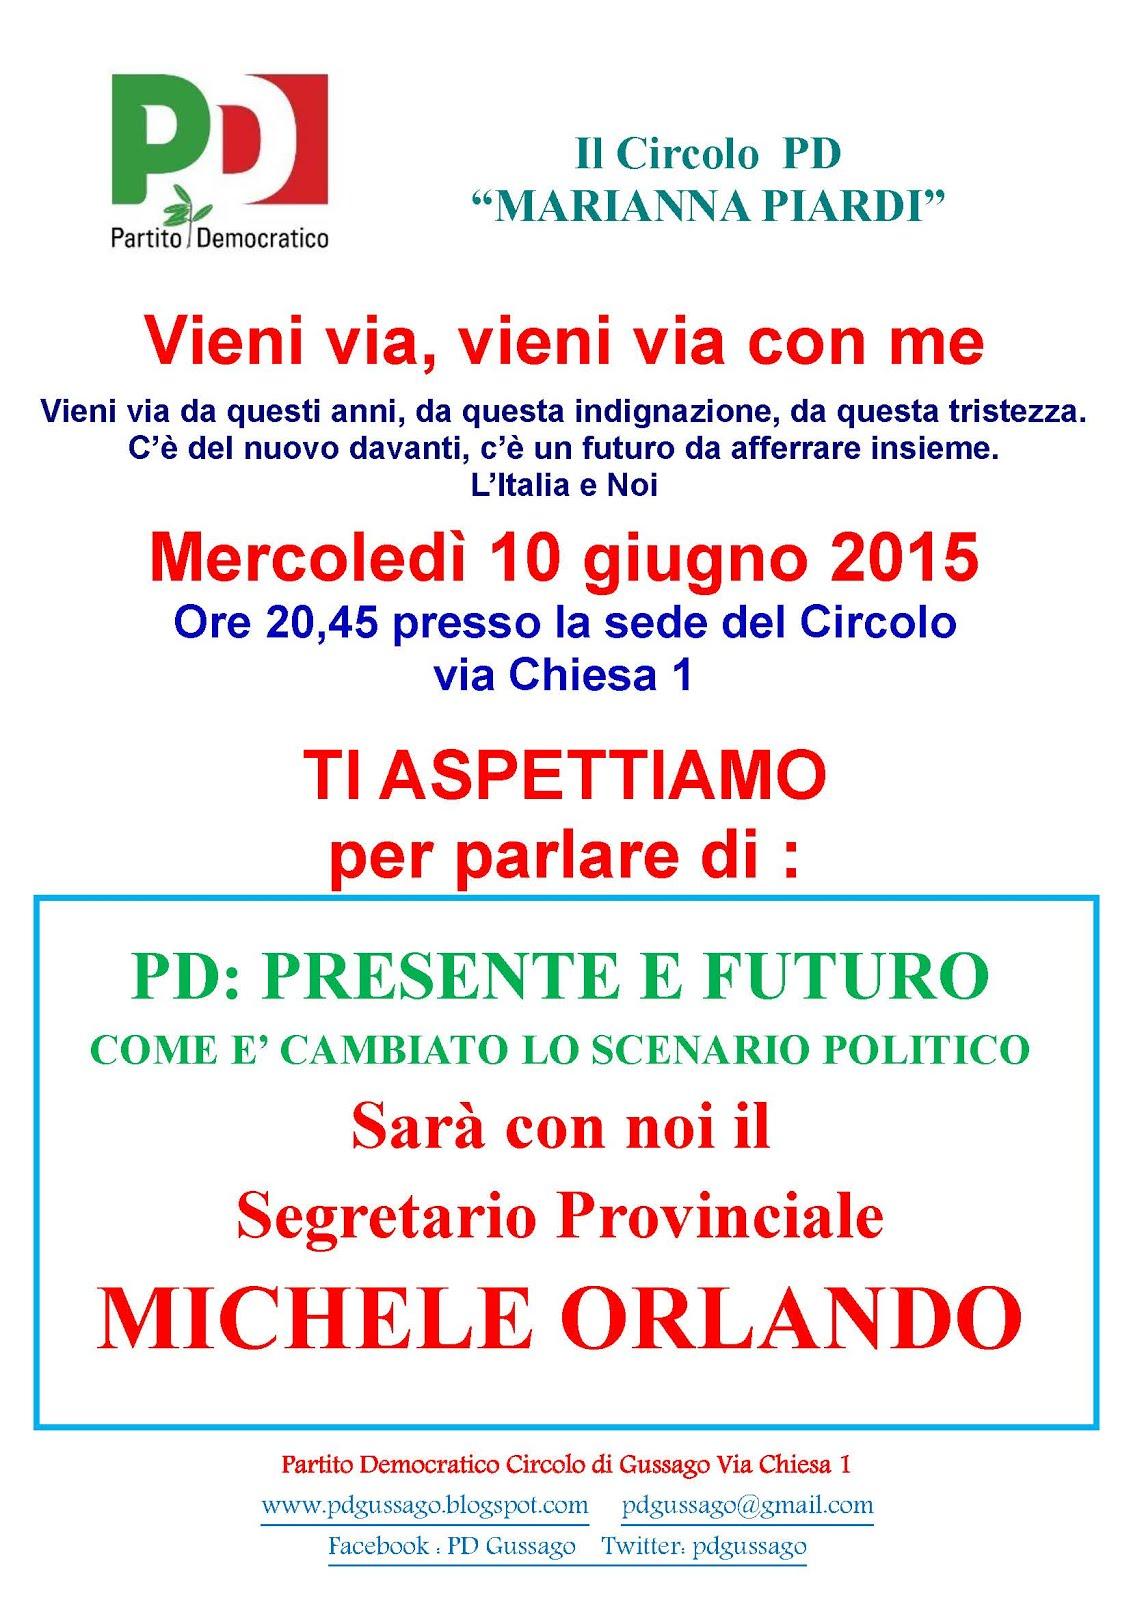 PD: Presente e Futuro